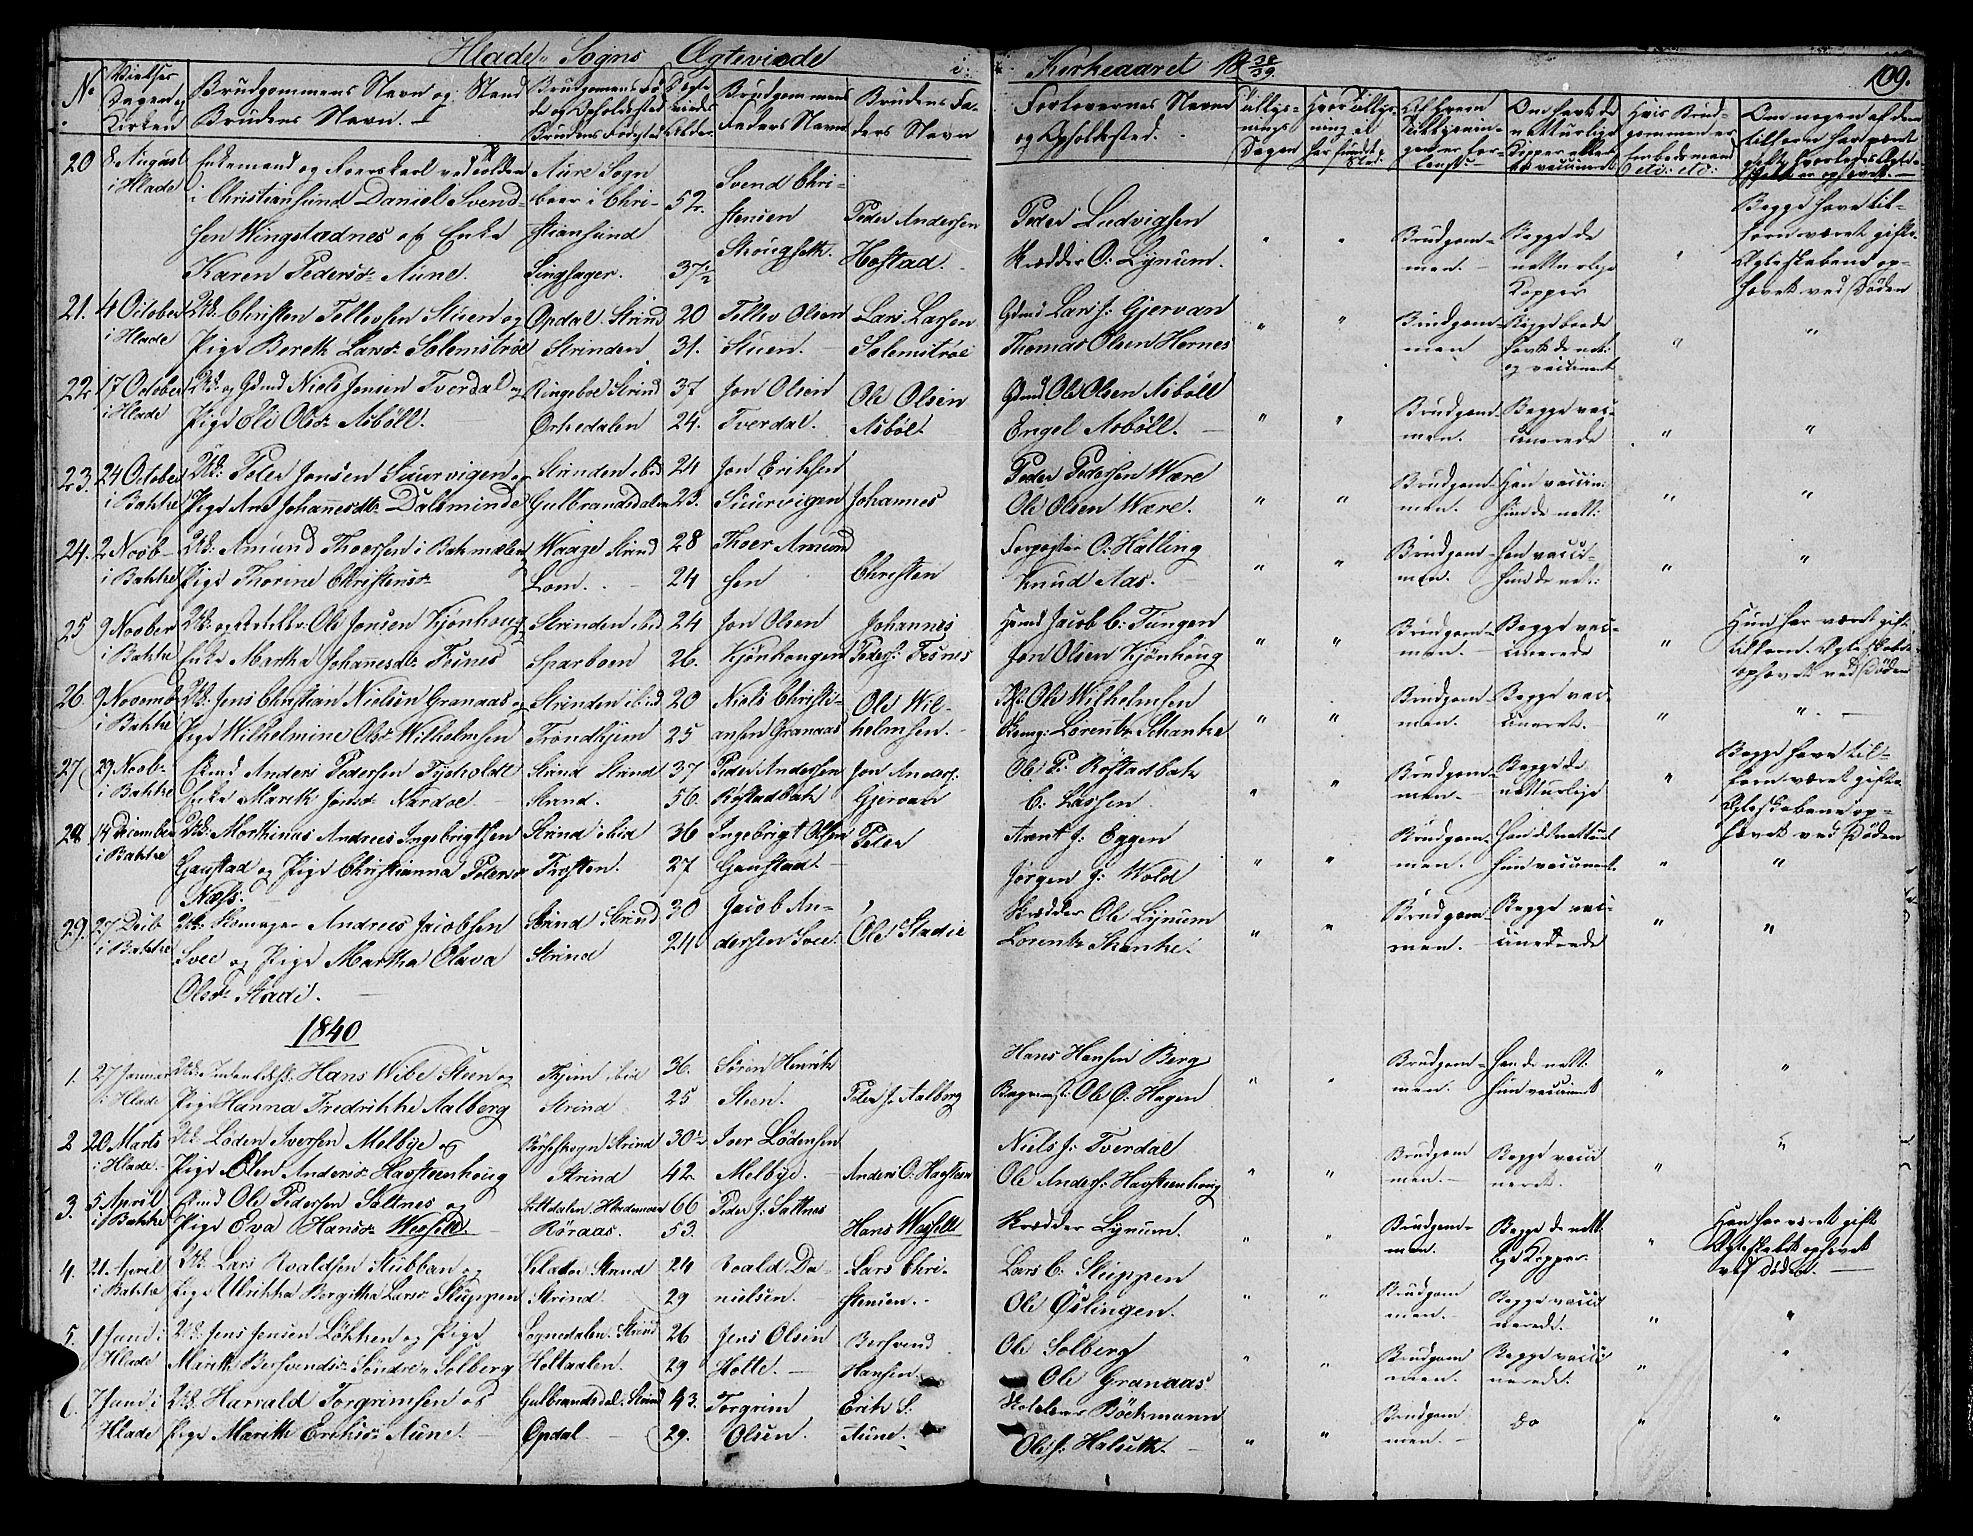 SAT, Ministerialprotokoller, klokkerbøker og fødselsregistre - Sør-Trøndelag, 606/L0308: Klokkerbok nr. 606C04, 1829-1840, s. 109